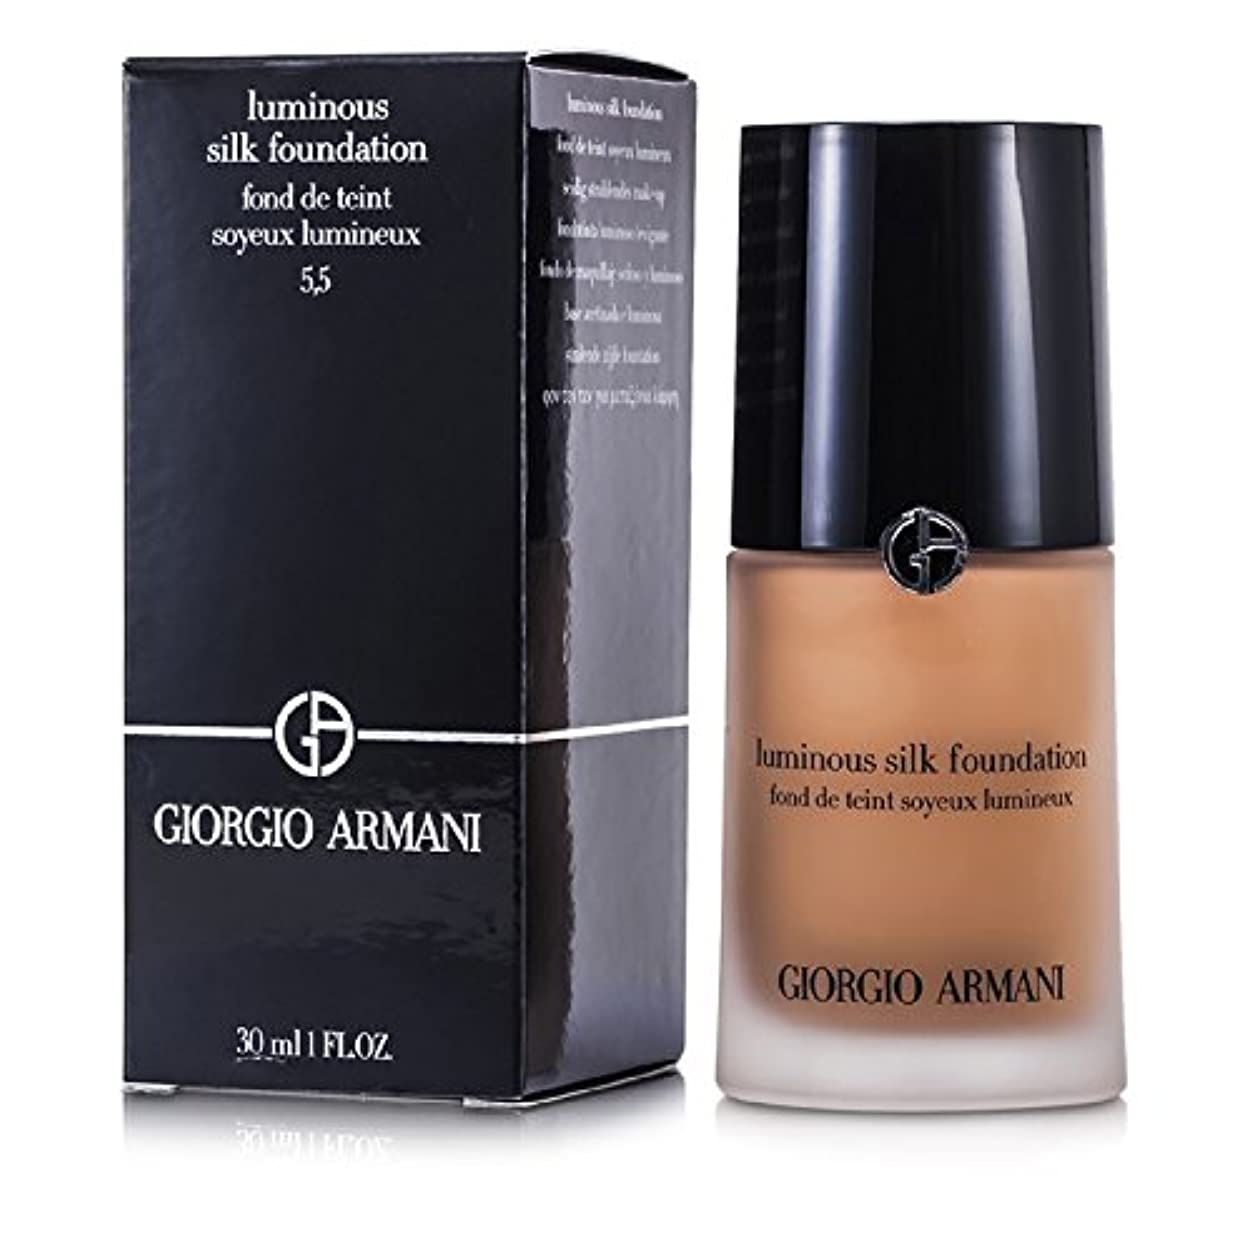 鼓舞する裏切りところでジョルジオアルマーニ ルミナスシルクファンデーション - # 5.5 (Natural Beige) 30ml/1oz並行輸入品